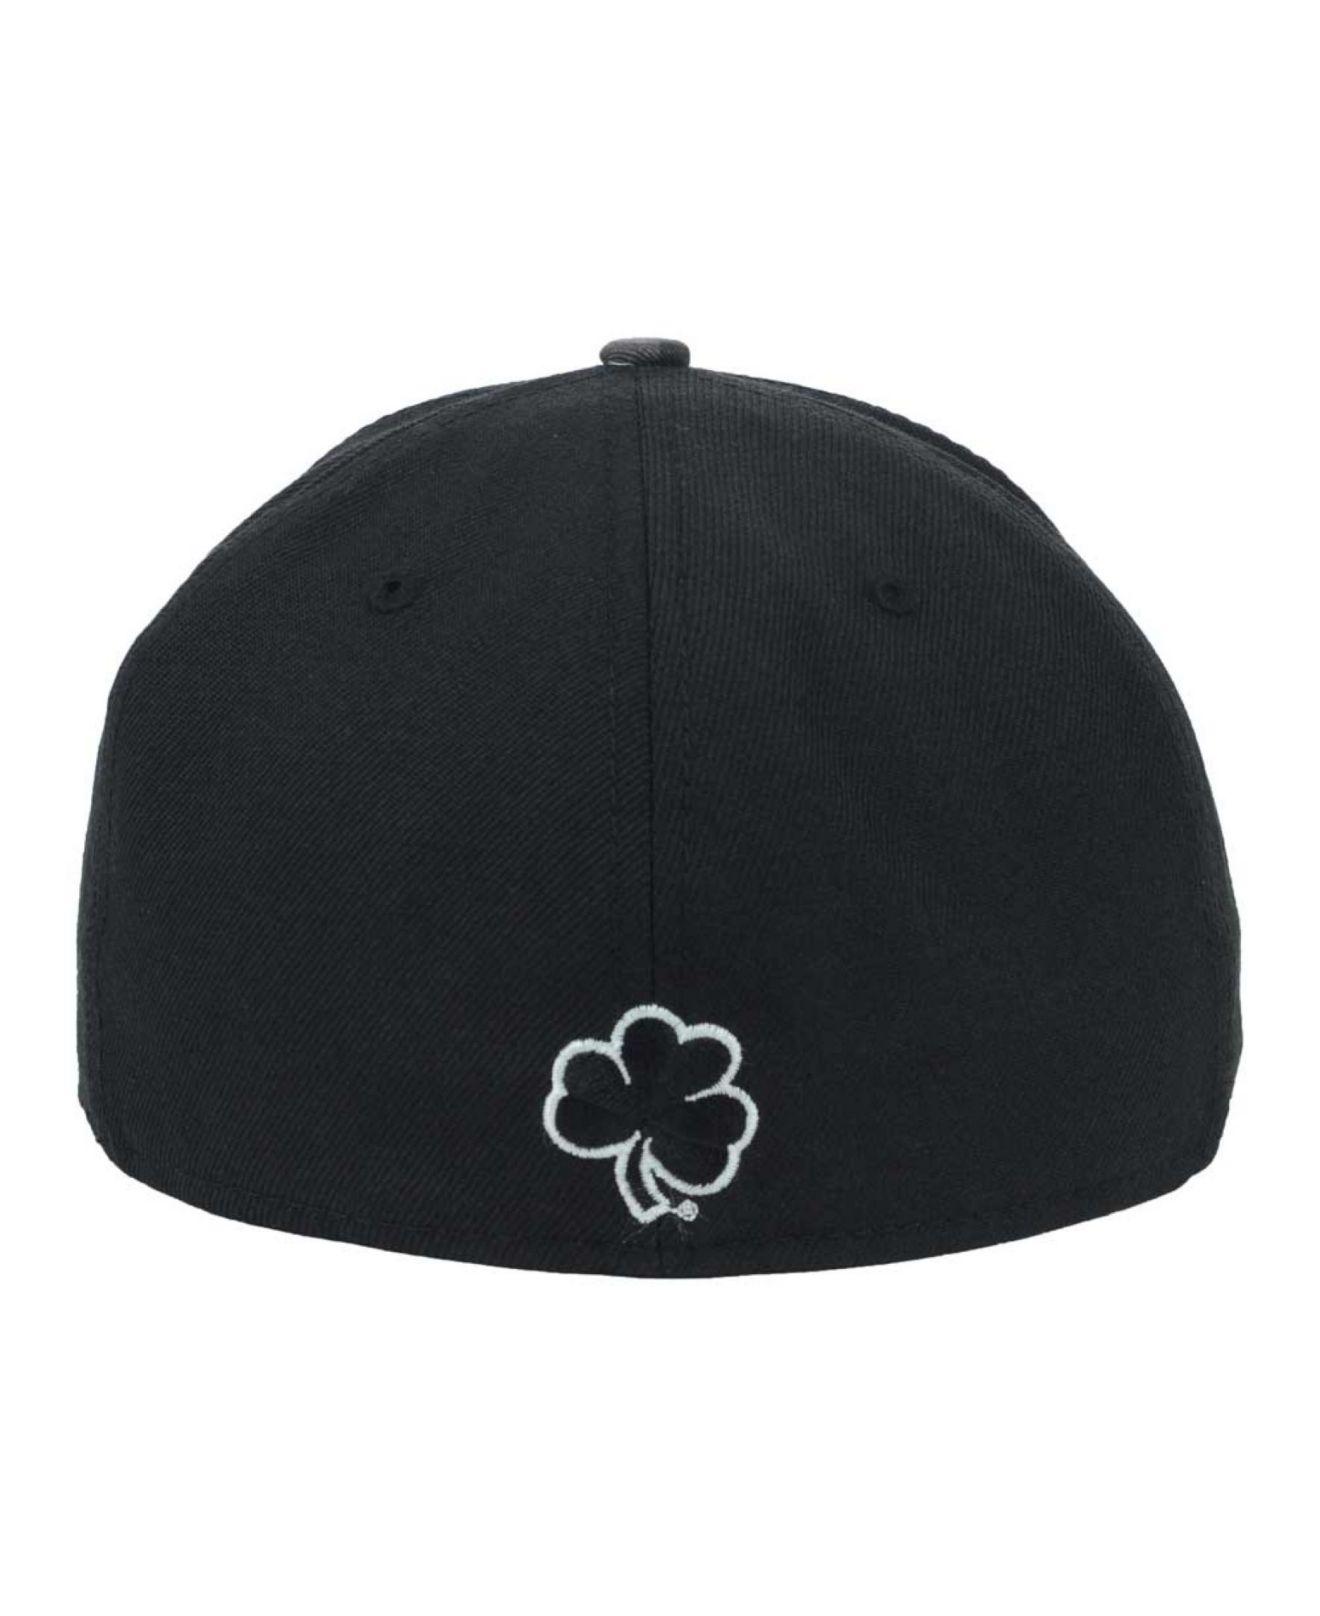 wholesale black notre dame hat cb2a6 ce761 e947719fa5e8